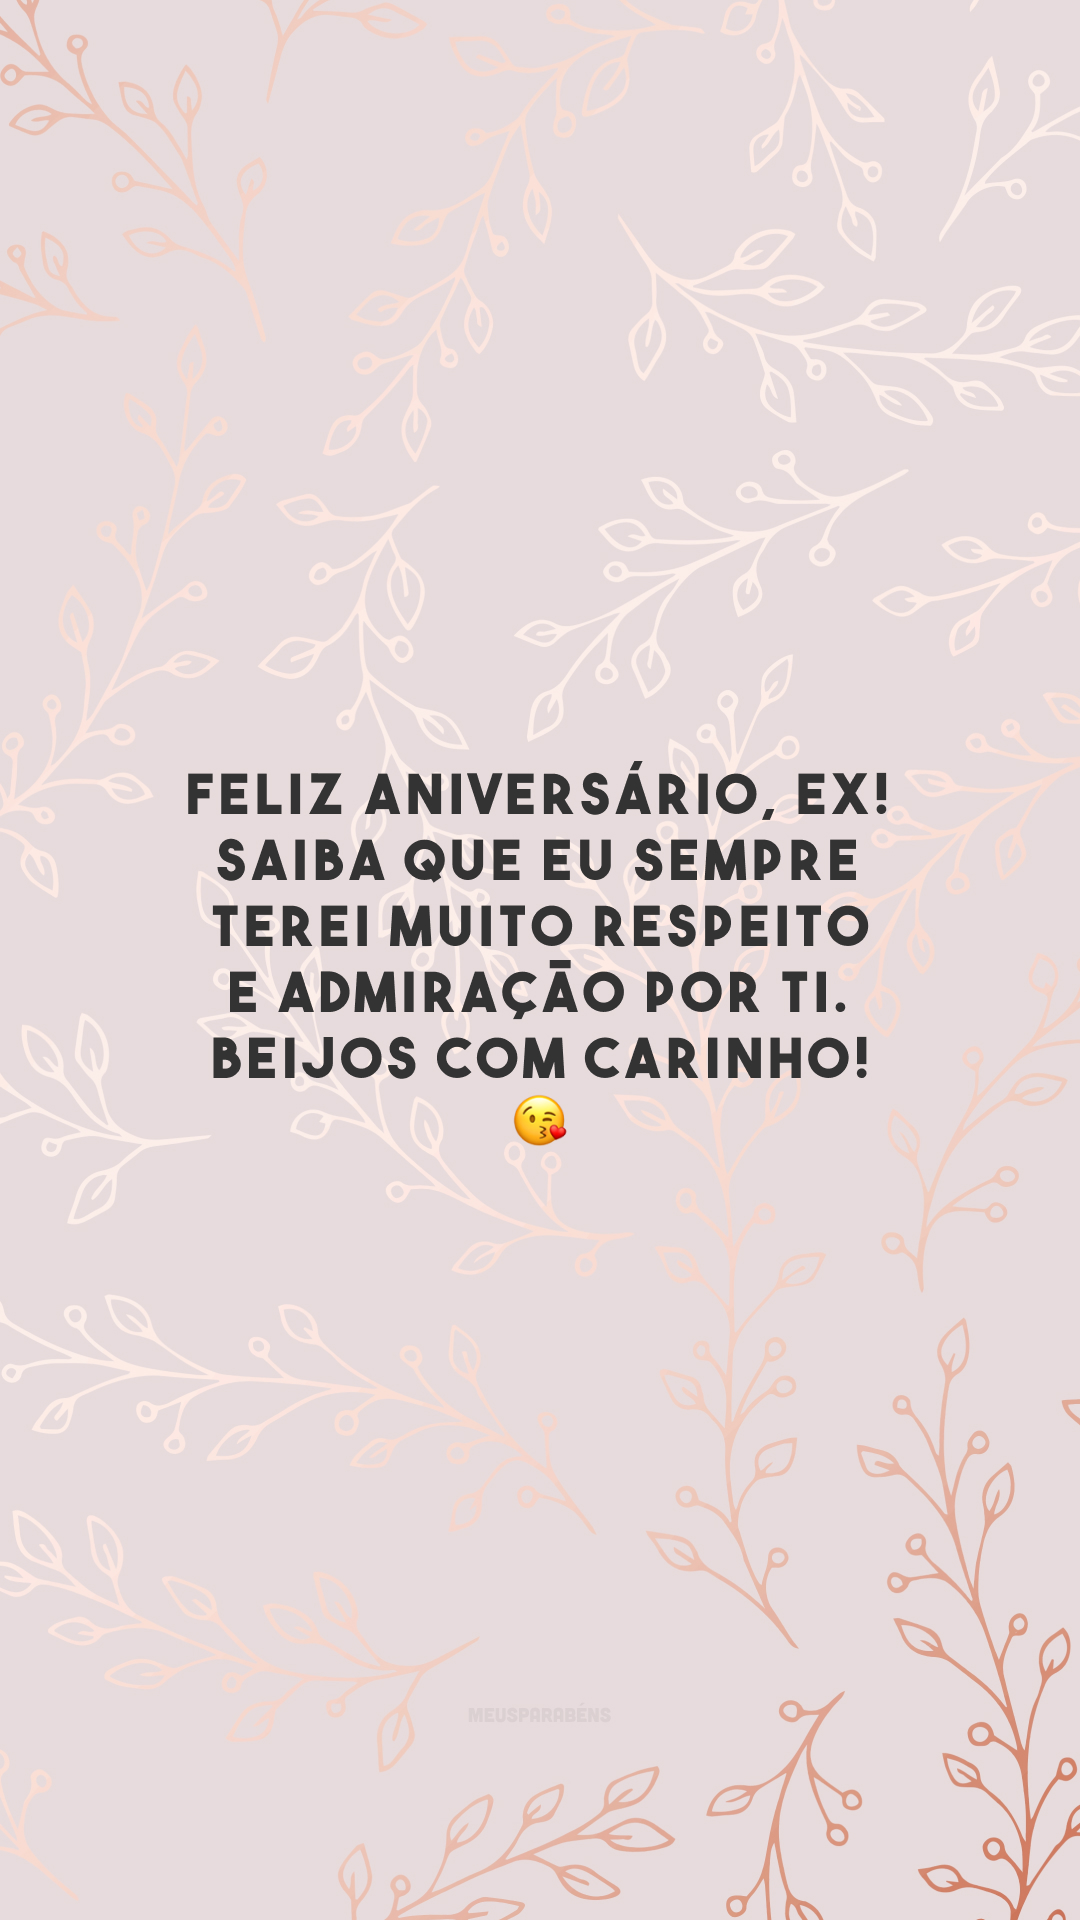 Feliz aniversário, ex! Saiba que eu sempre terei muito respeito e admiração por ti. Beijos com carinho! 😘